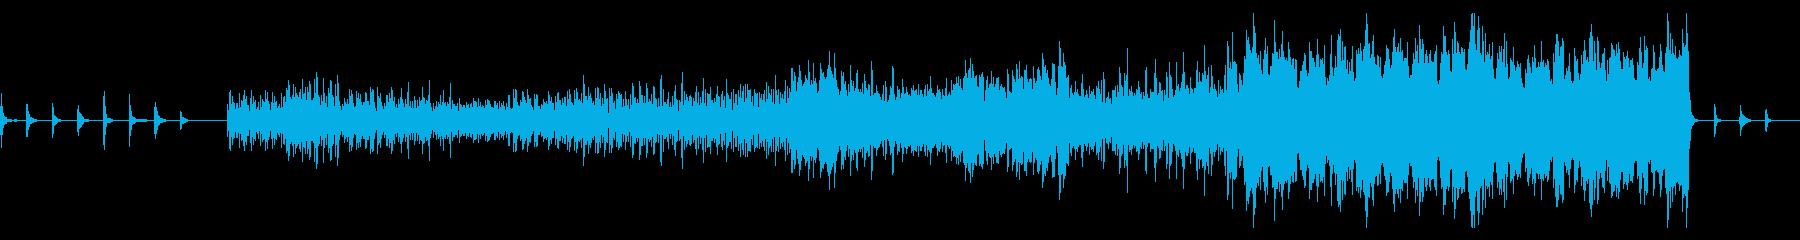 壮大なグランド・フィナーレの為にの再生済みの波形